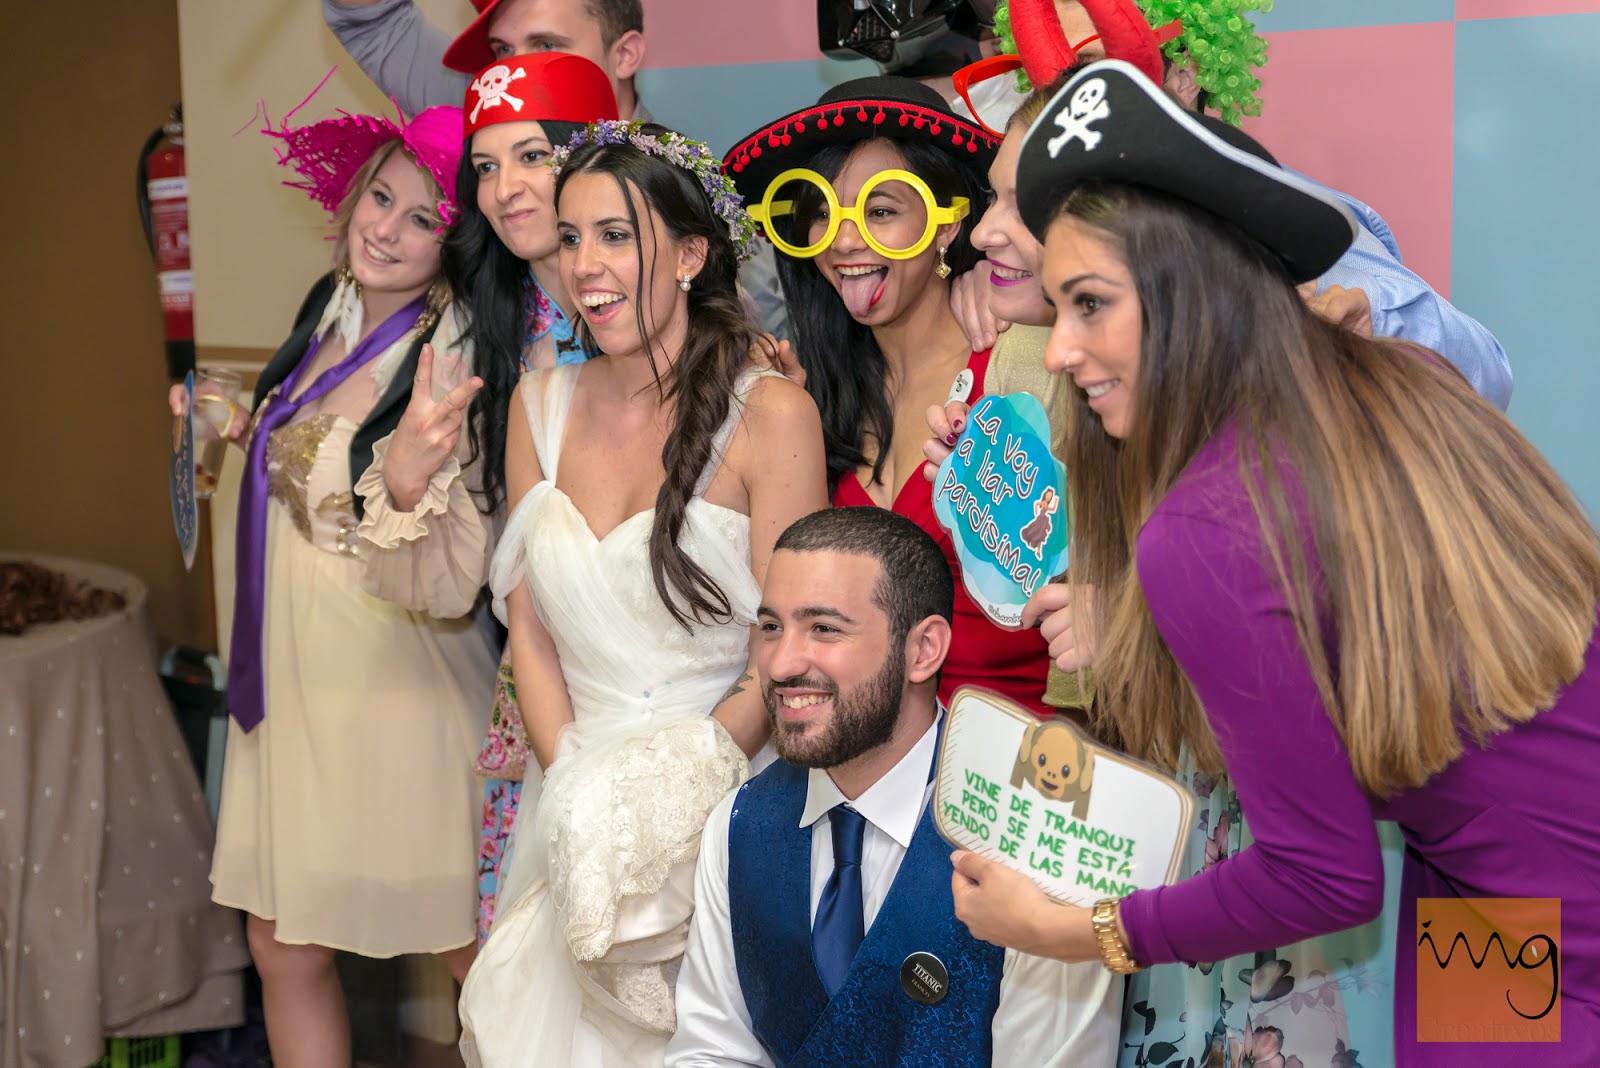 Fotografía divertidas con fotomatón de boda